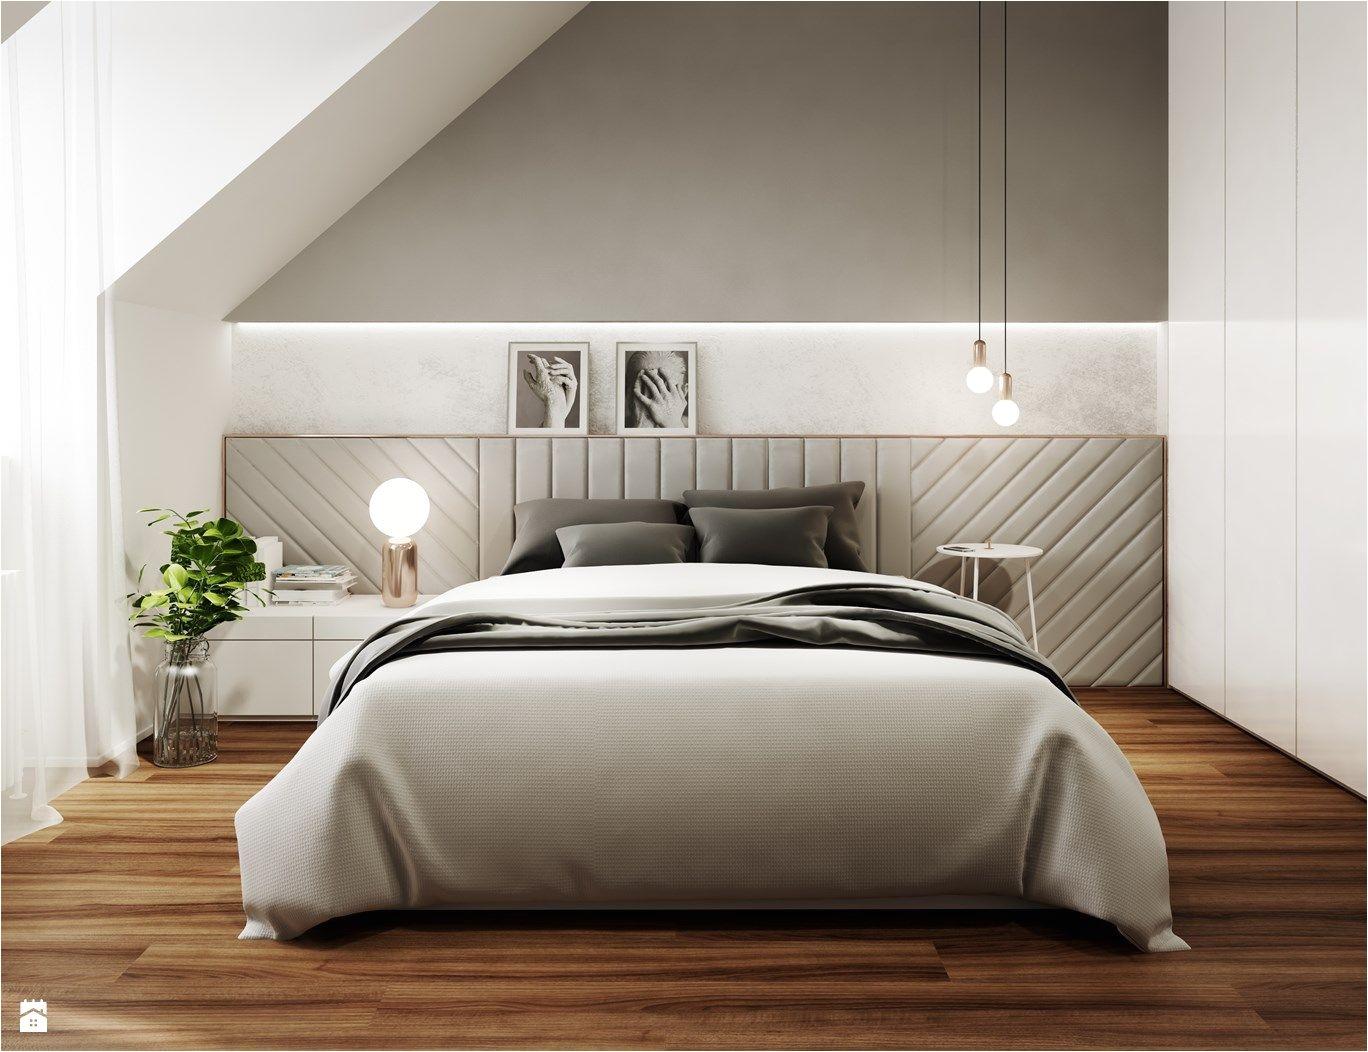 Bed Frames that Go On the Floor Sypialnia Styl nowoczesny Zdja Cie Od Mezzo Studio Sypialnia